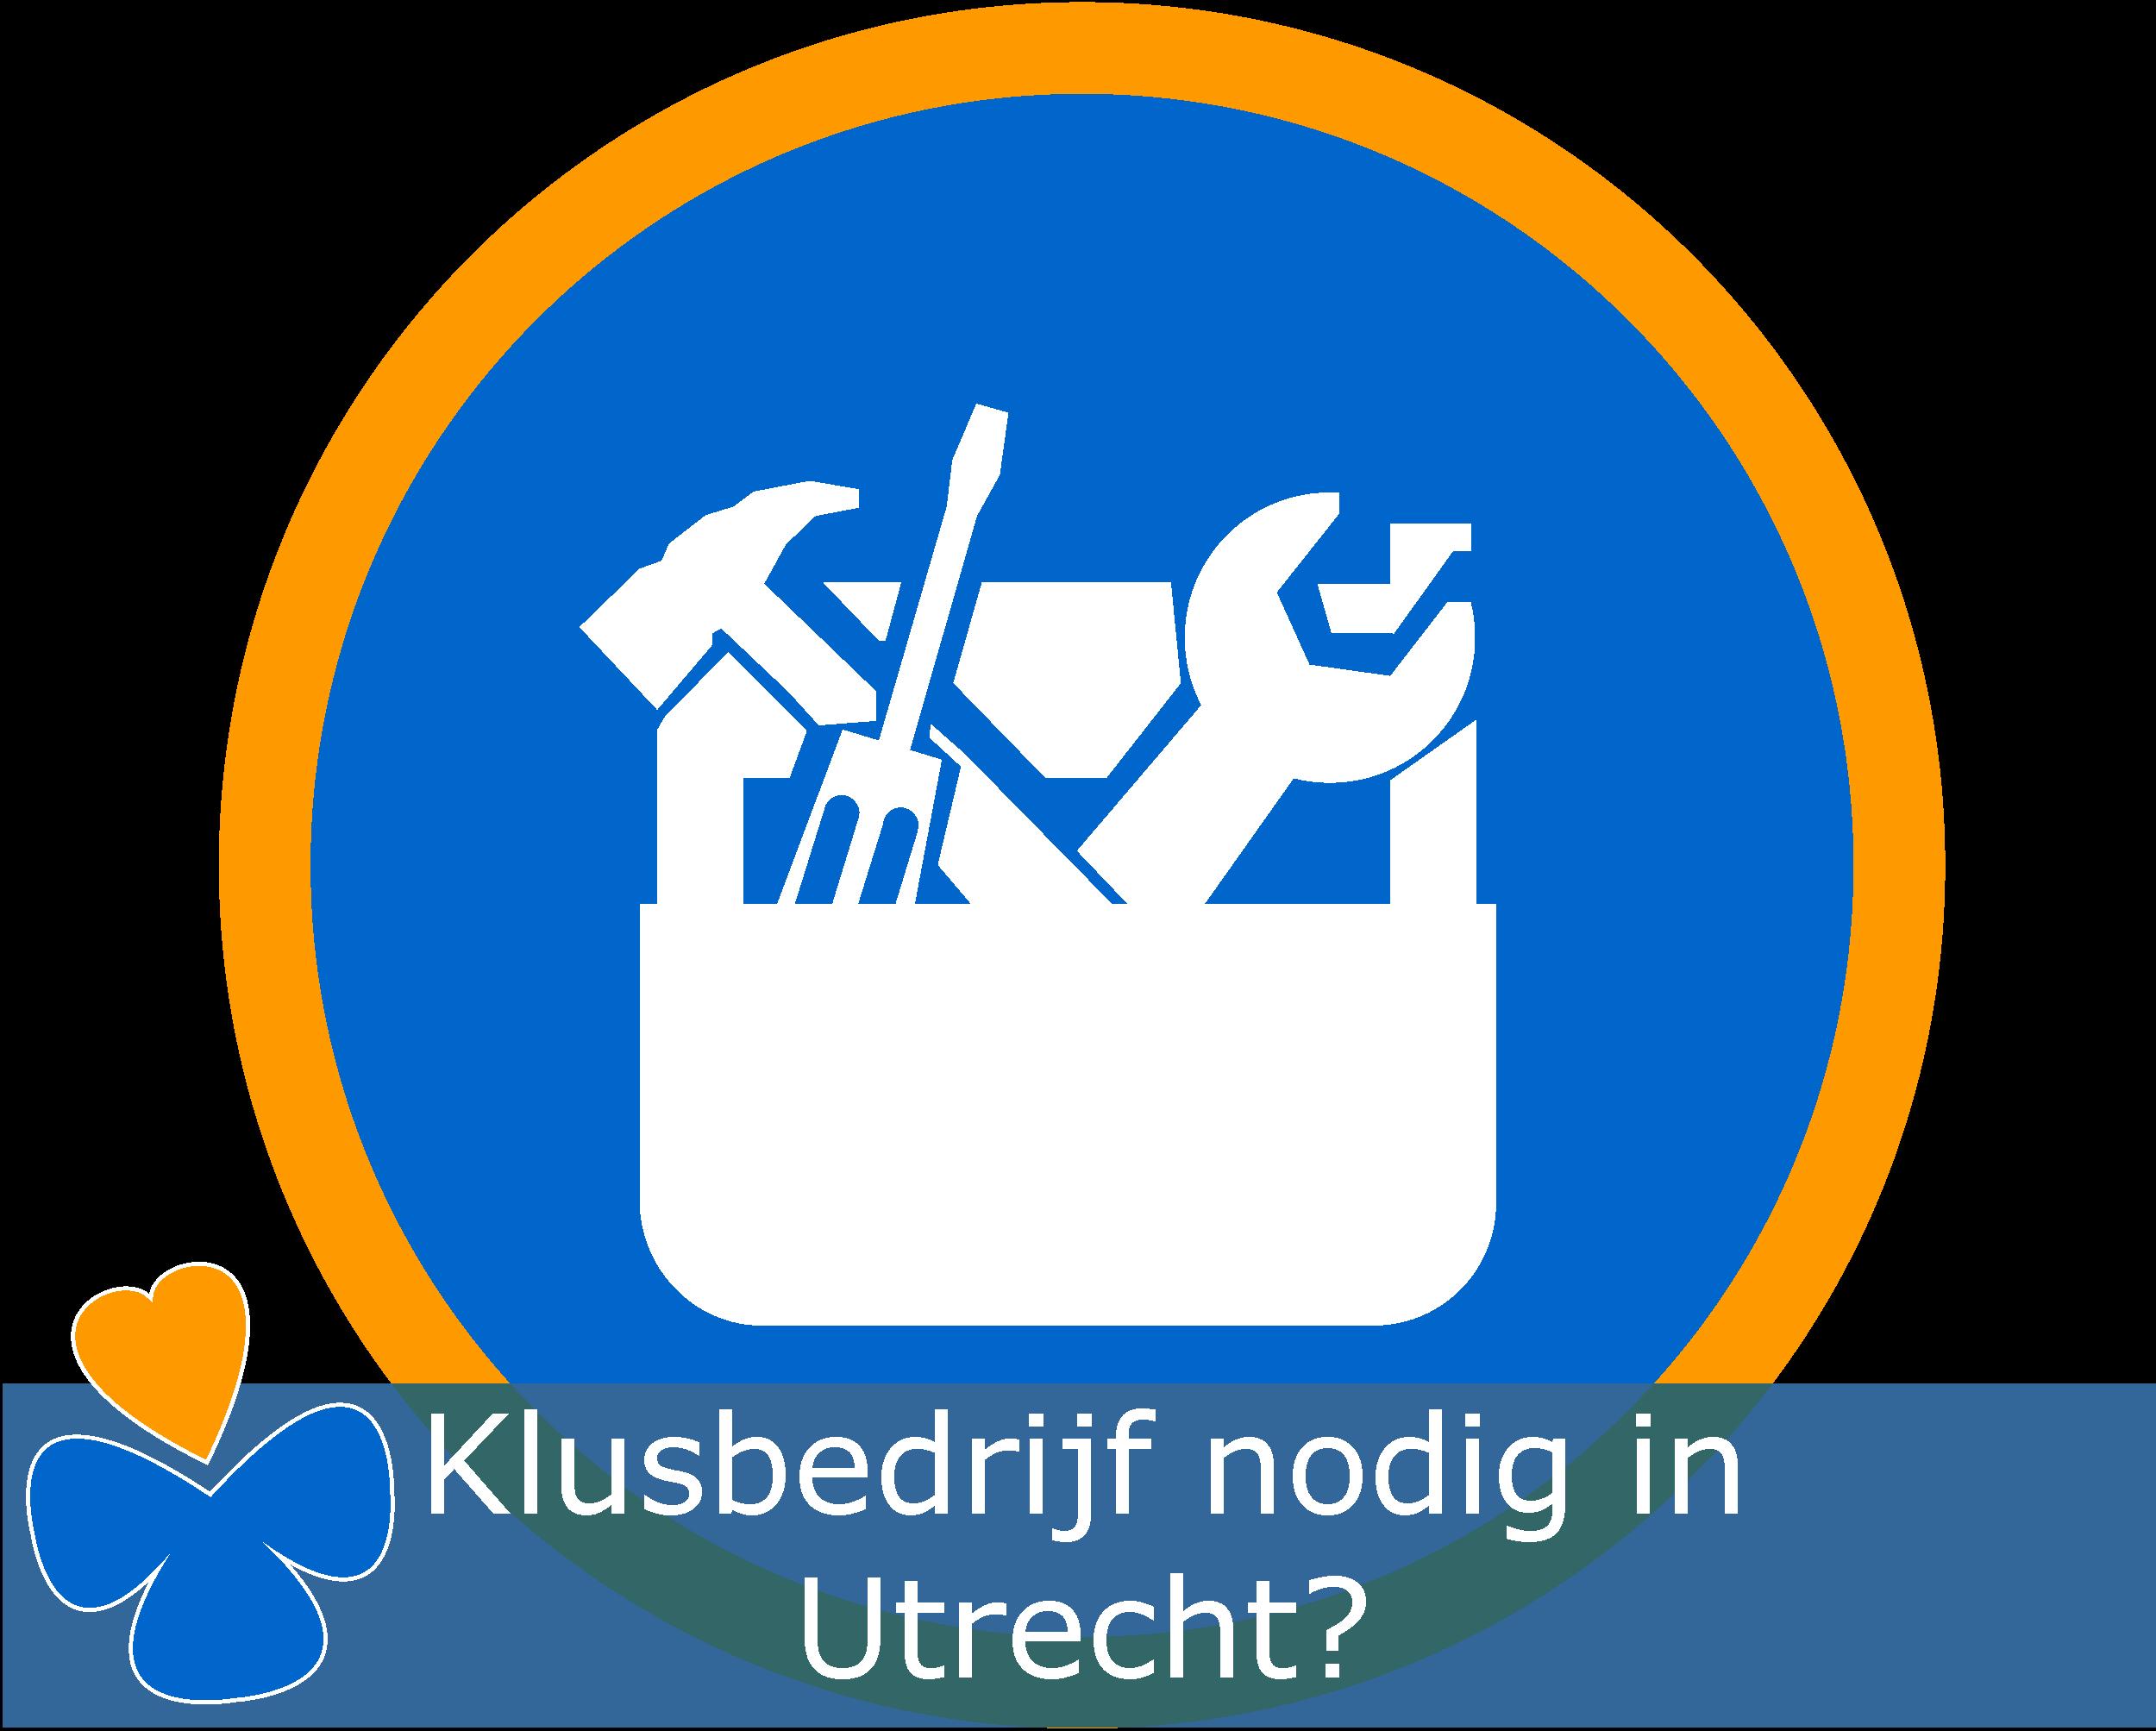 Klusbedrijf Utrecht en omgeving nodig? Wij matchen het juiste klussenbedrijf. Klusbedrijven staan klaar in Utrecht!